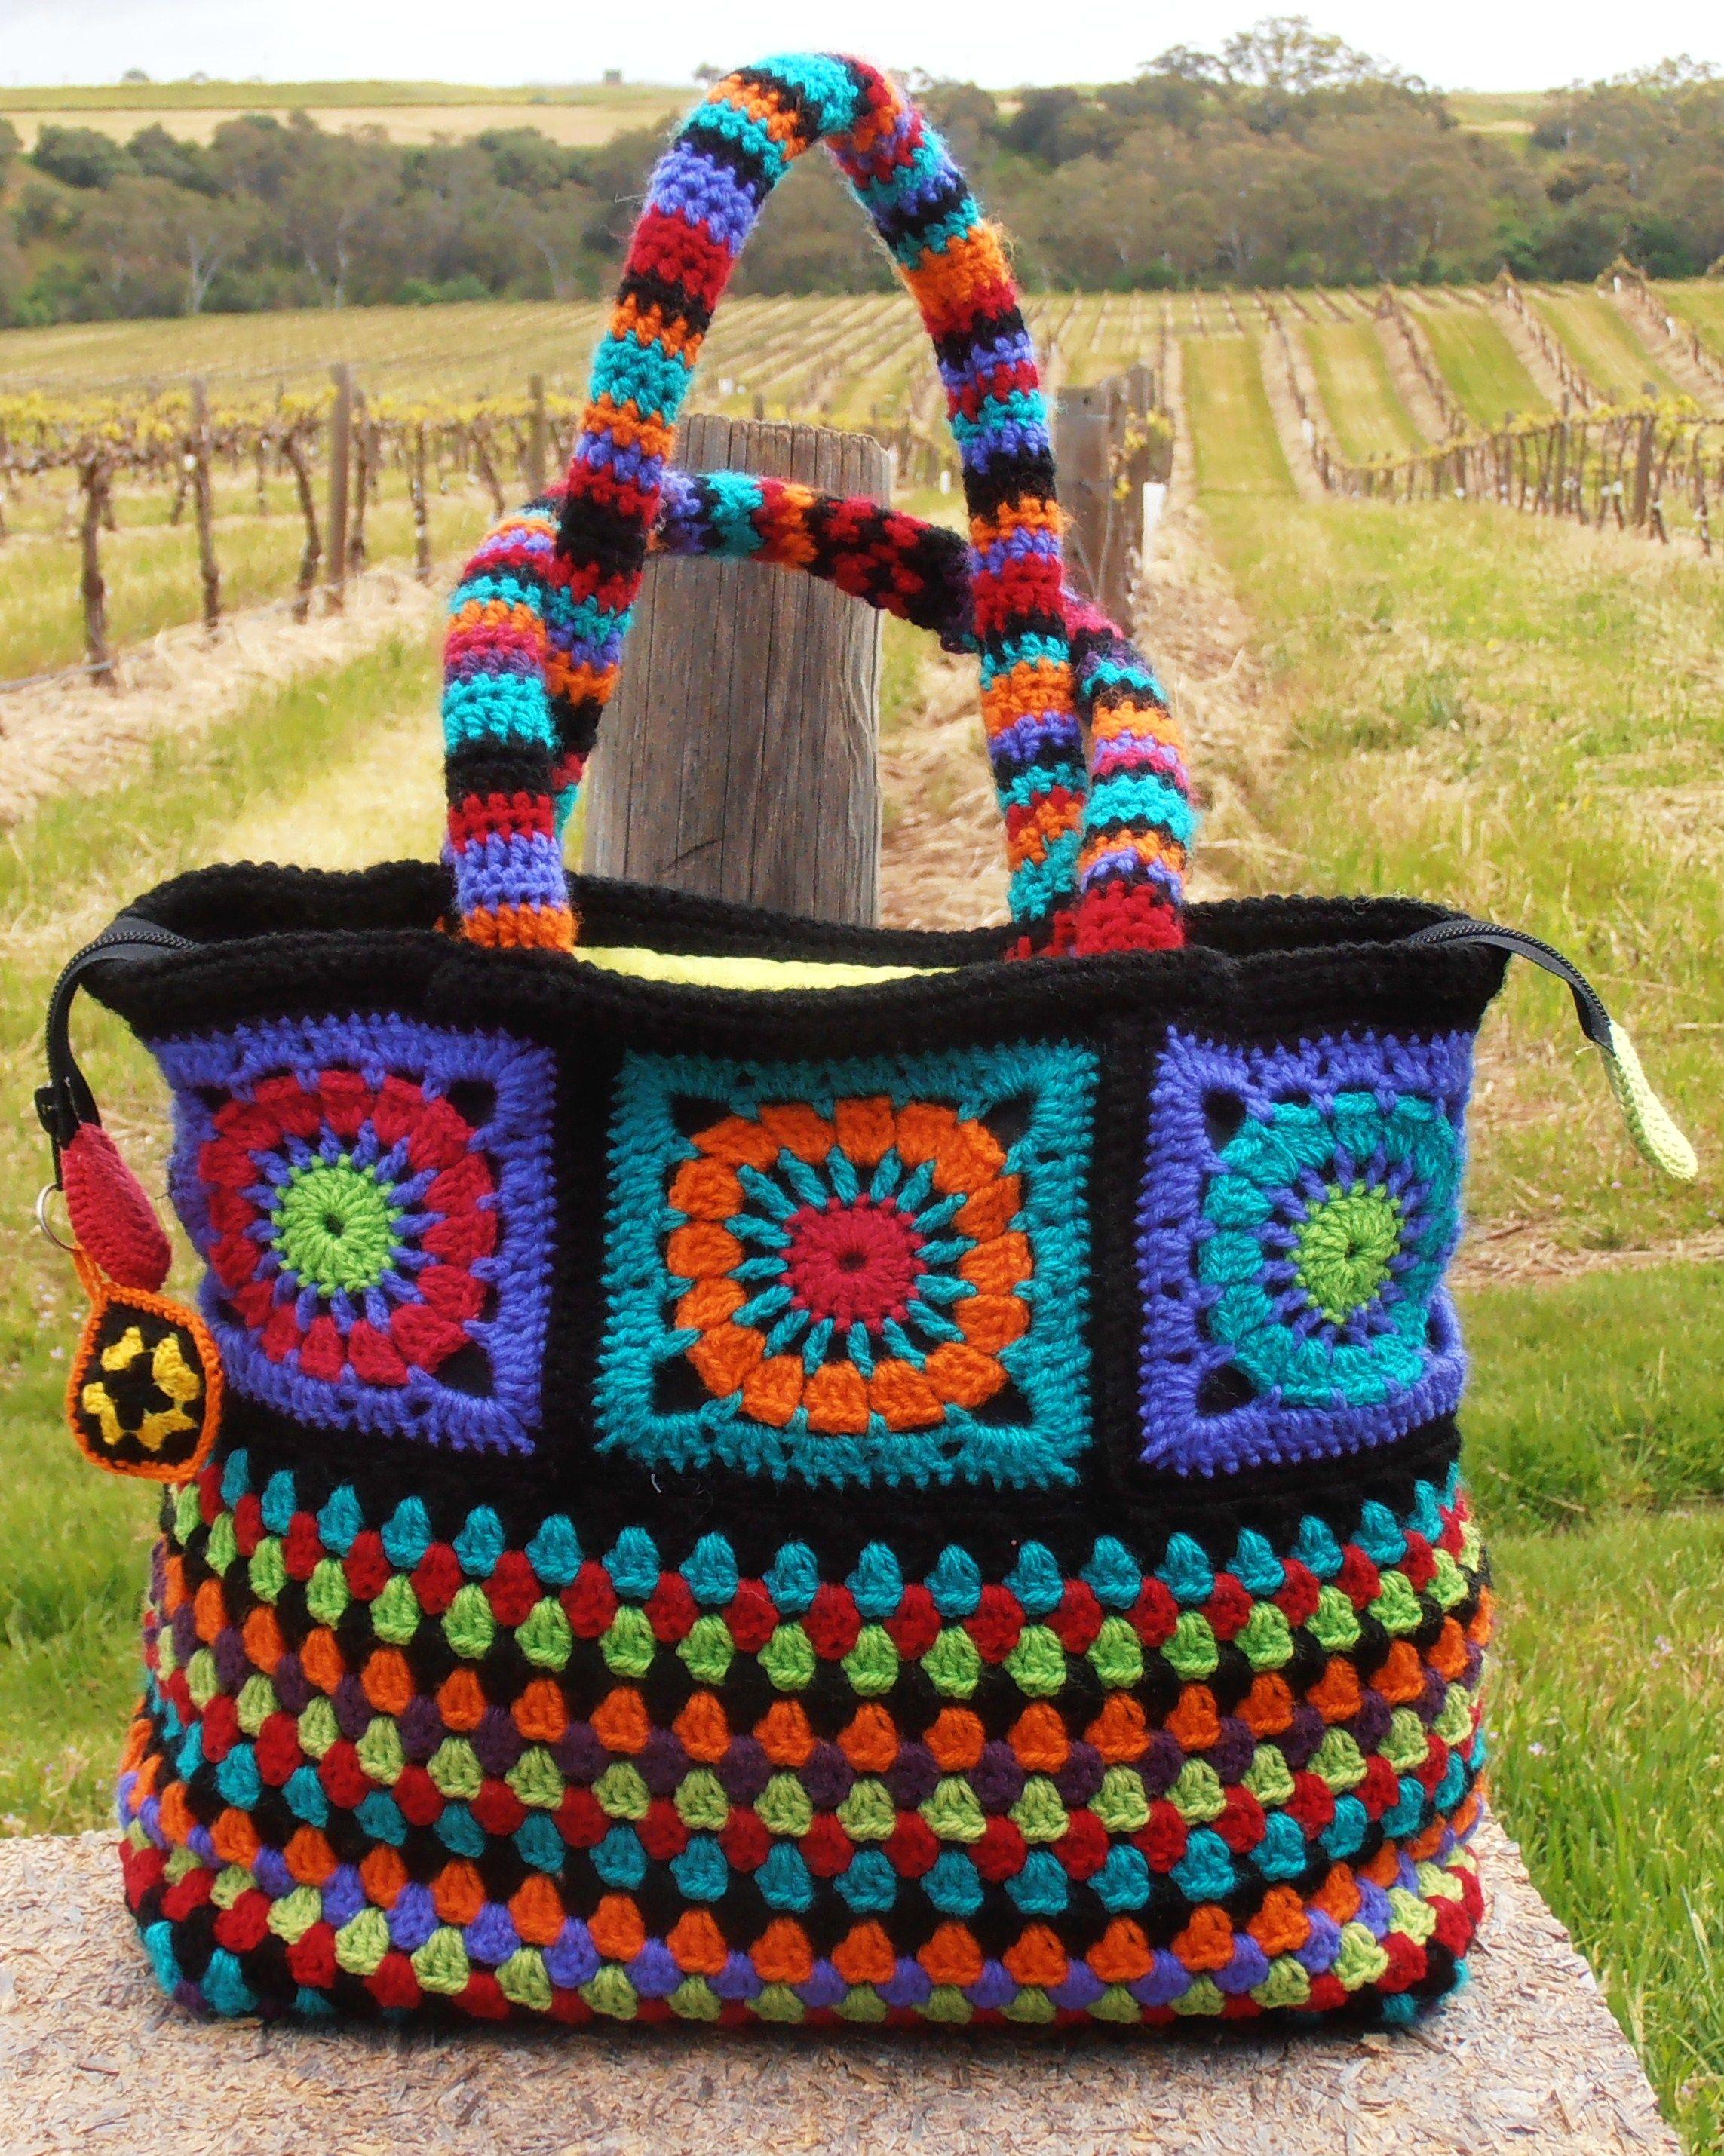 My Dolce & Gabanna look alike crochet bag.